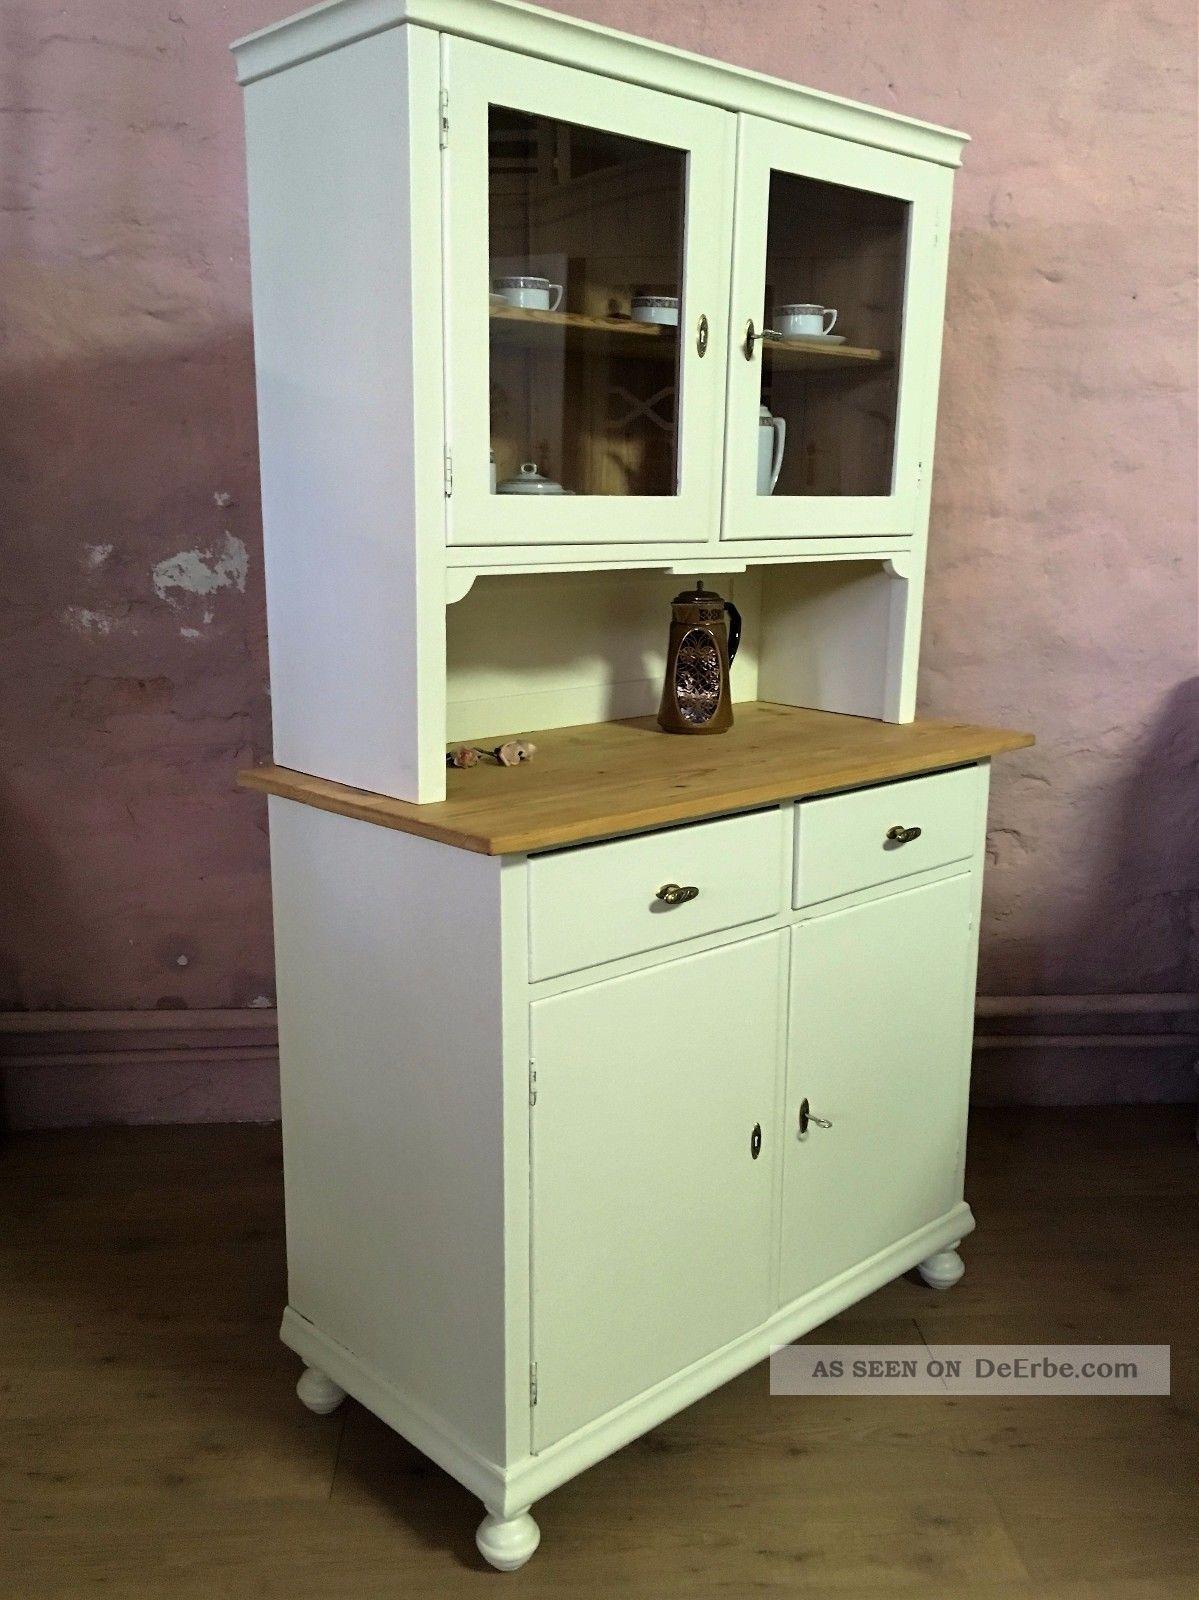 Berühmt Bilder Für Küchenschränke Ideen - Küche Set Ideen ...